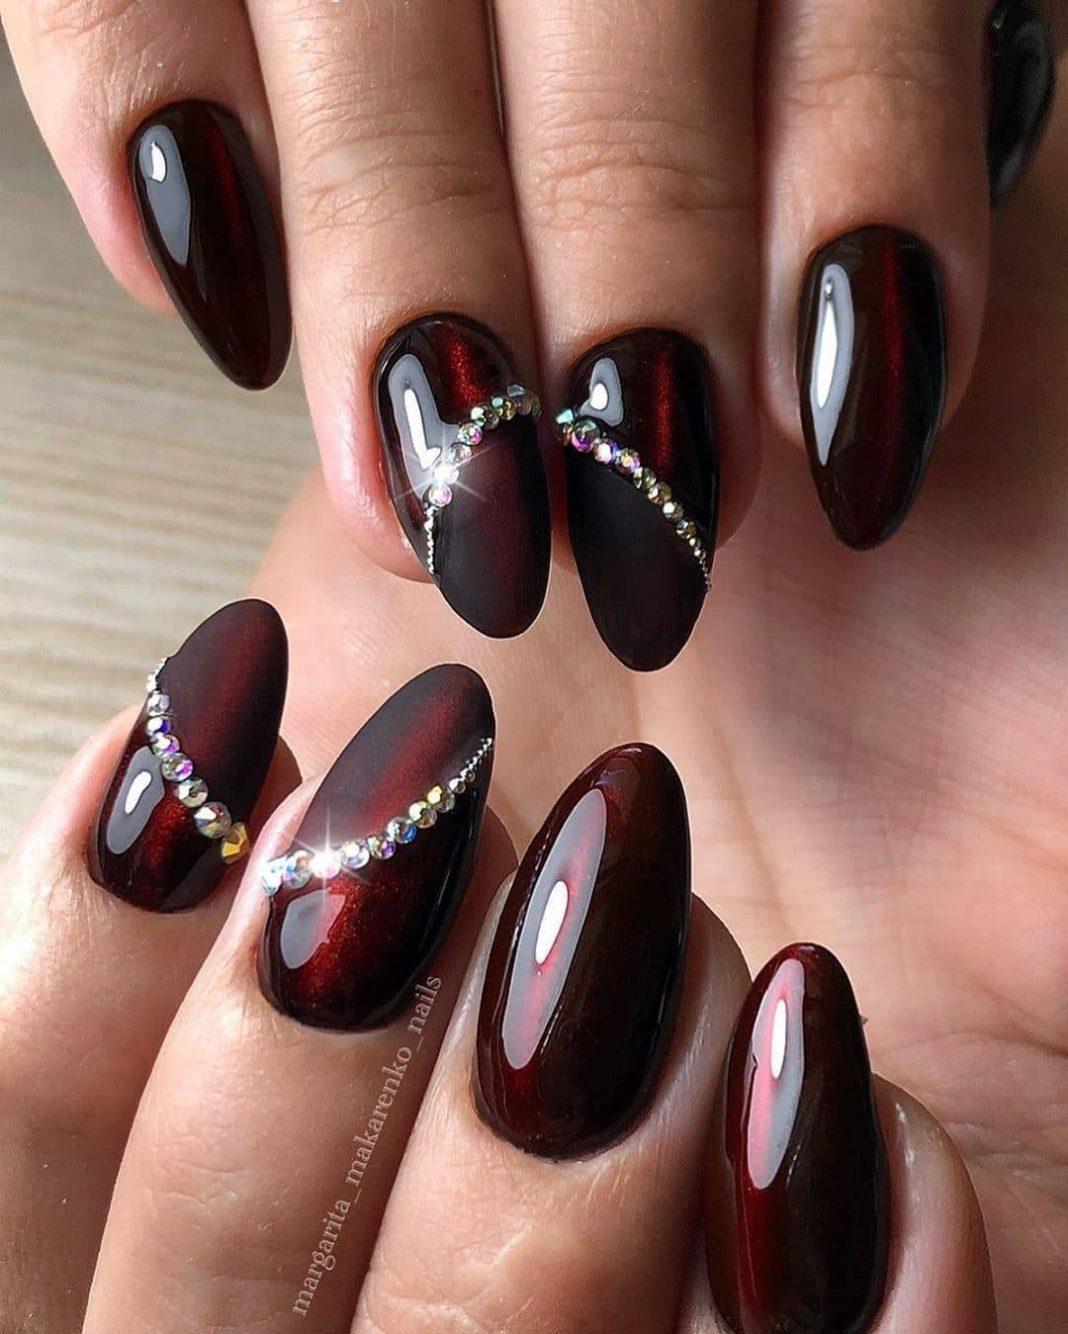 Бордовый маникюр - 81 фото идея красивого дизайна ногтей в б